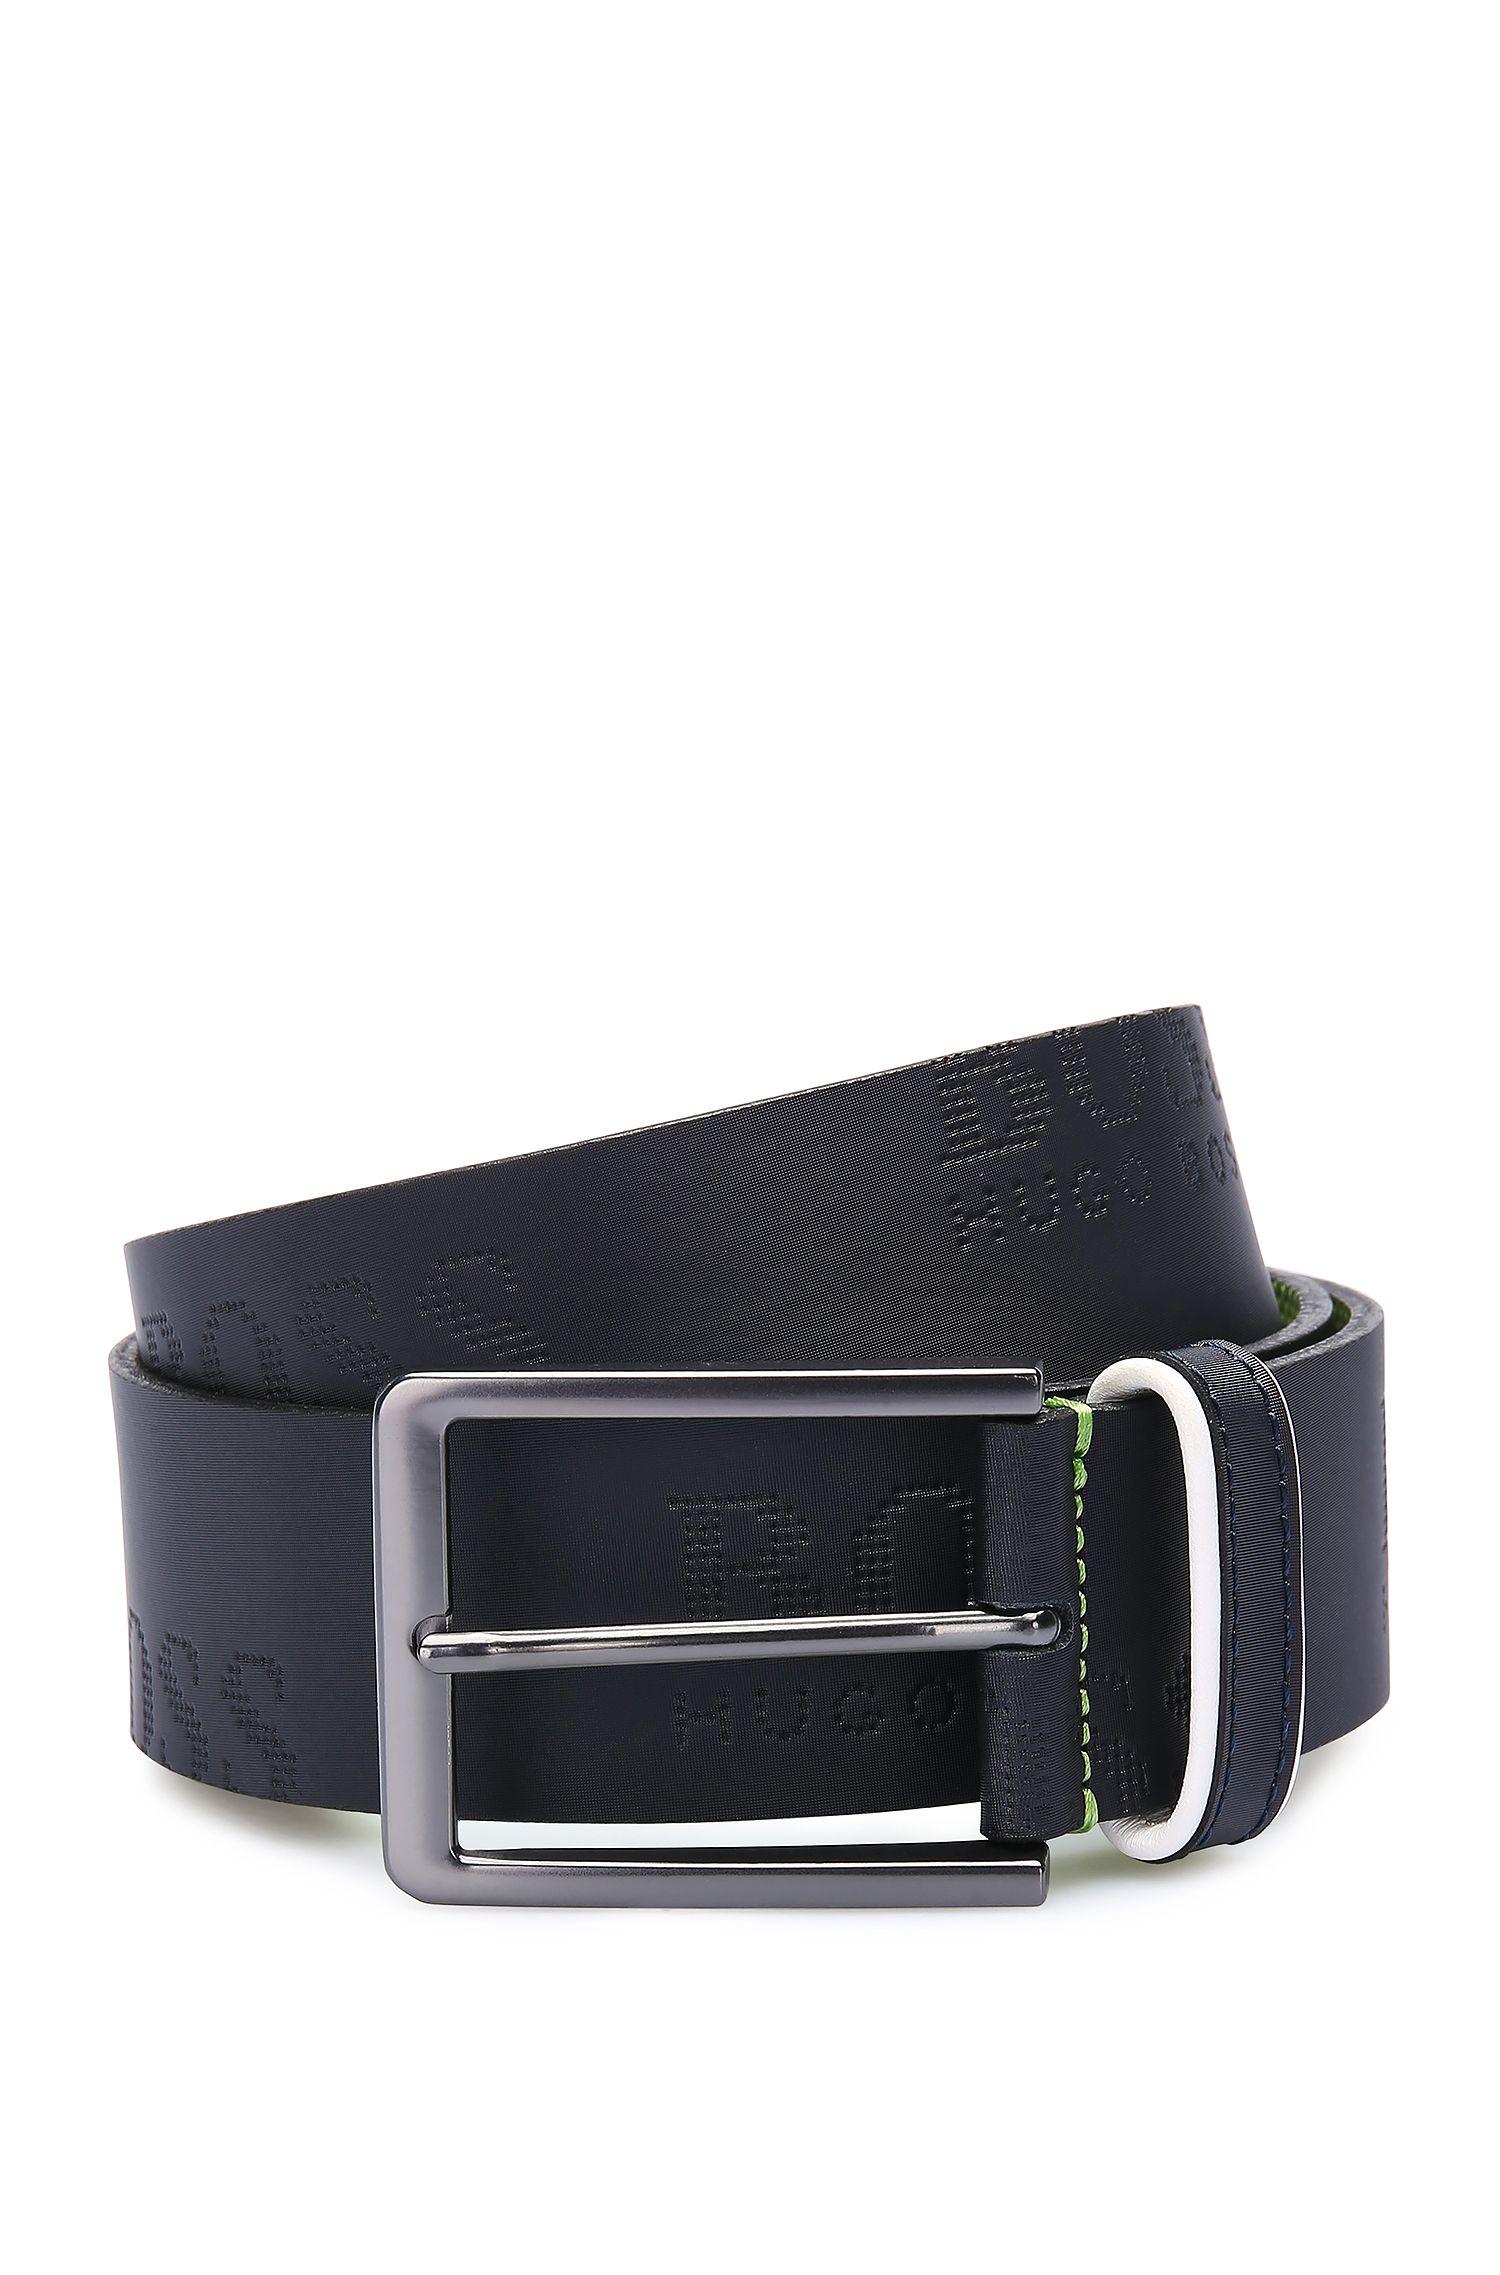 Cinturón de piel hecho a mano con etiqueta estampada: 'Millowo_Sz40_ltem'